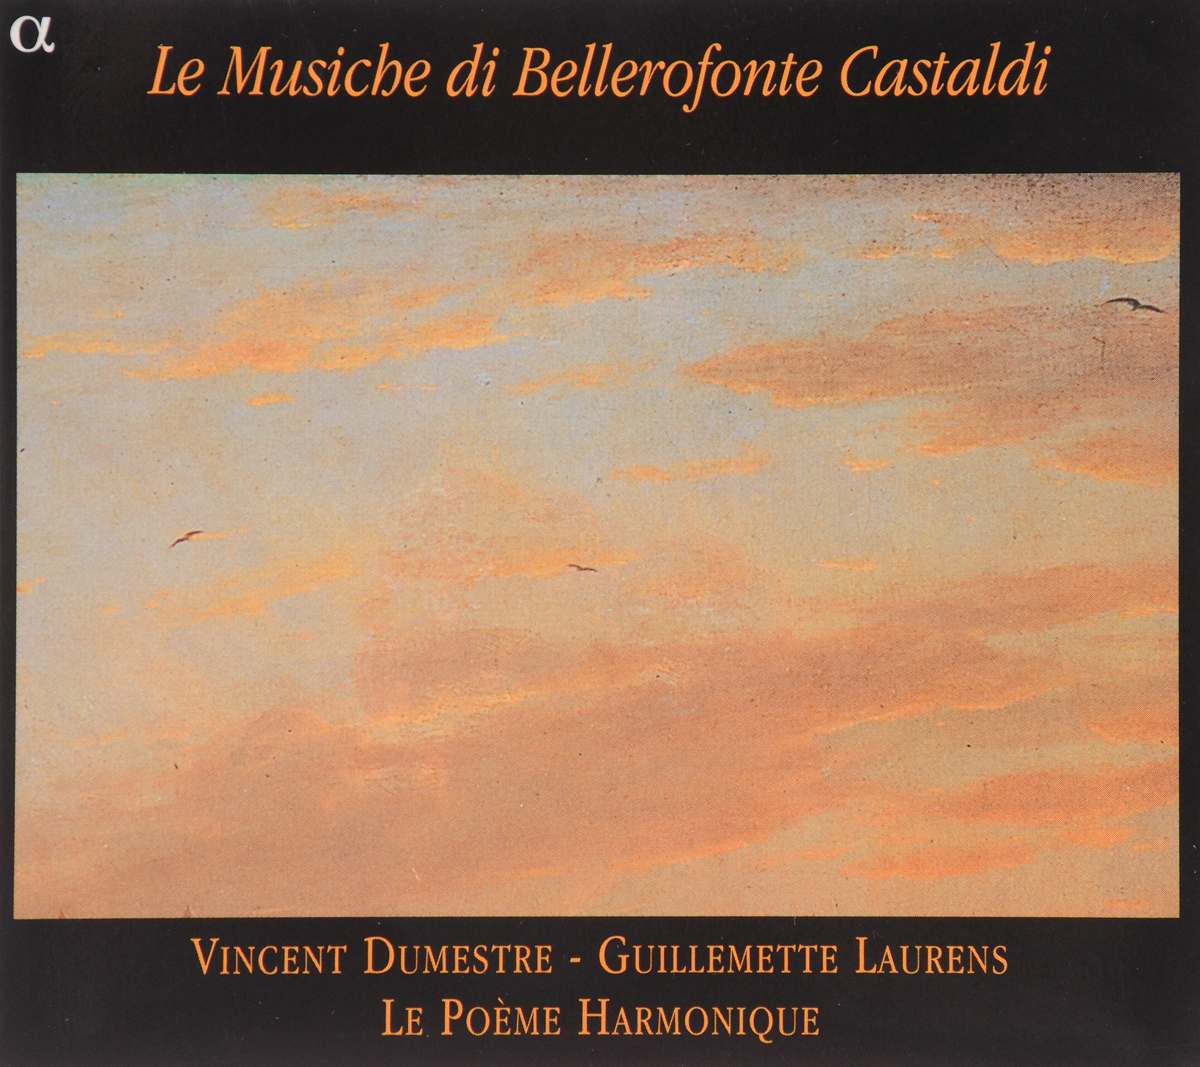 VARIOUS. CASTALDI, BELLEROFONTE / G.LAURENS/ LE POEME HARMONIQUE/ V. DUMESTRE. 1